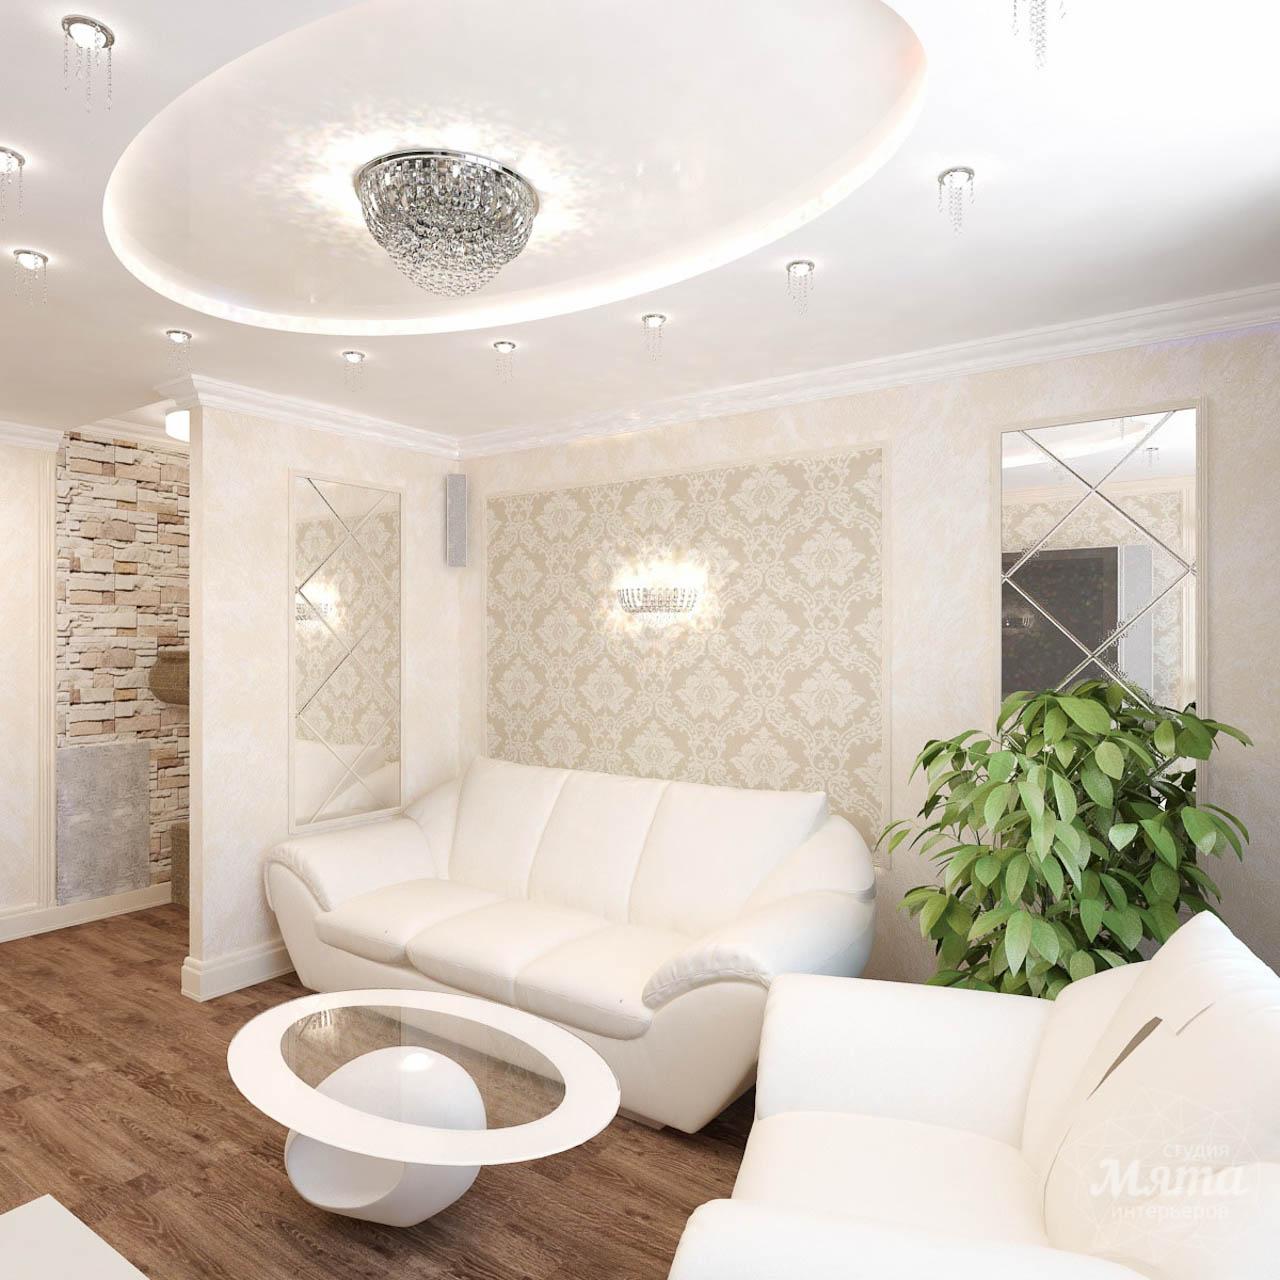 Дизайн интерьера двухкомнатной квартиры по ул. Бебеля 156 img851304567